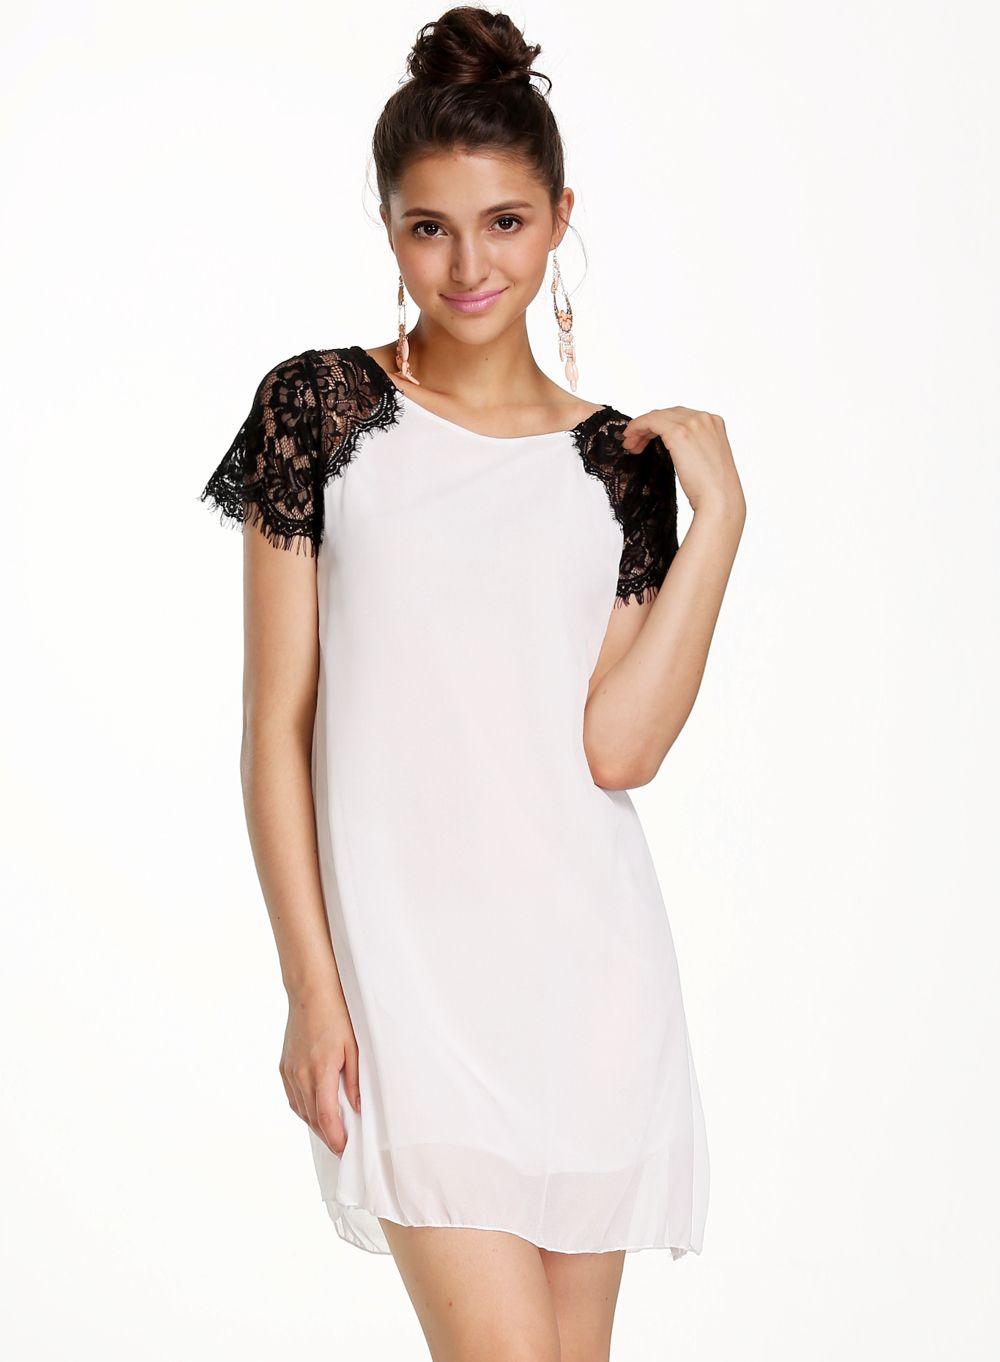 Lace shoulders dress ropa pinterest shoulder dress shoulder